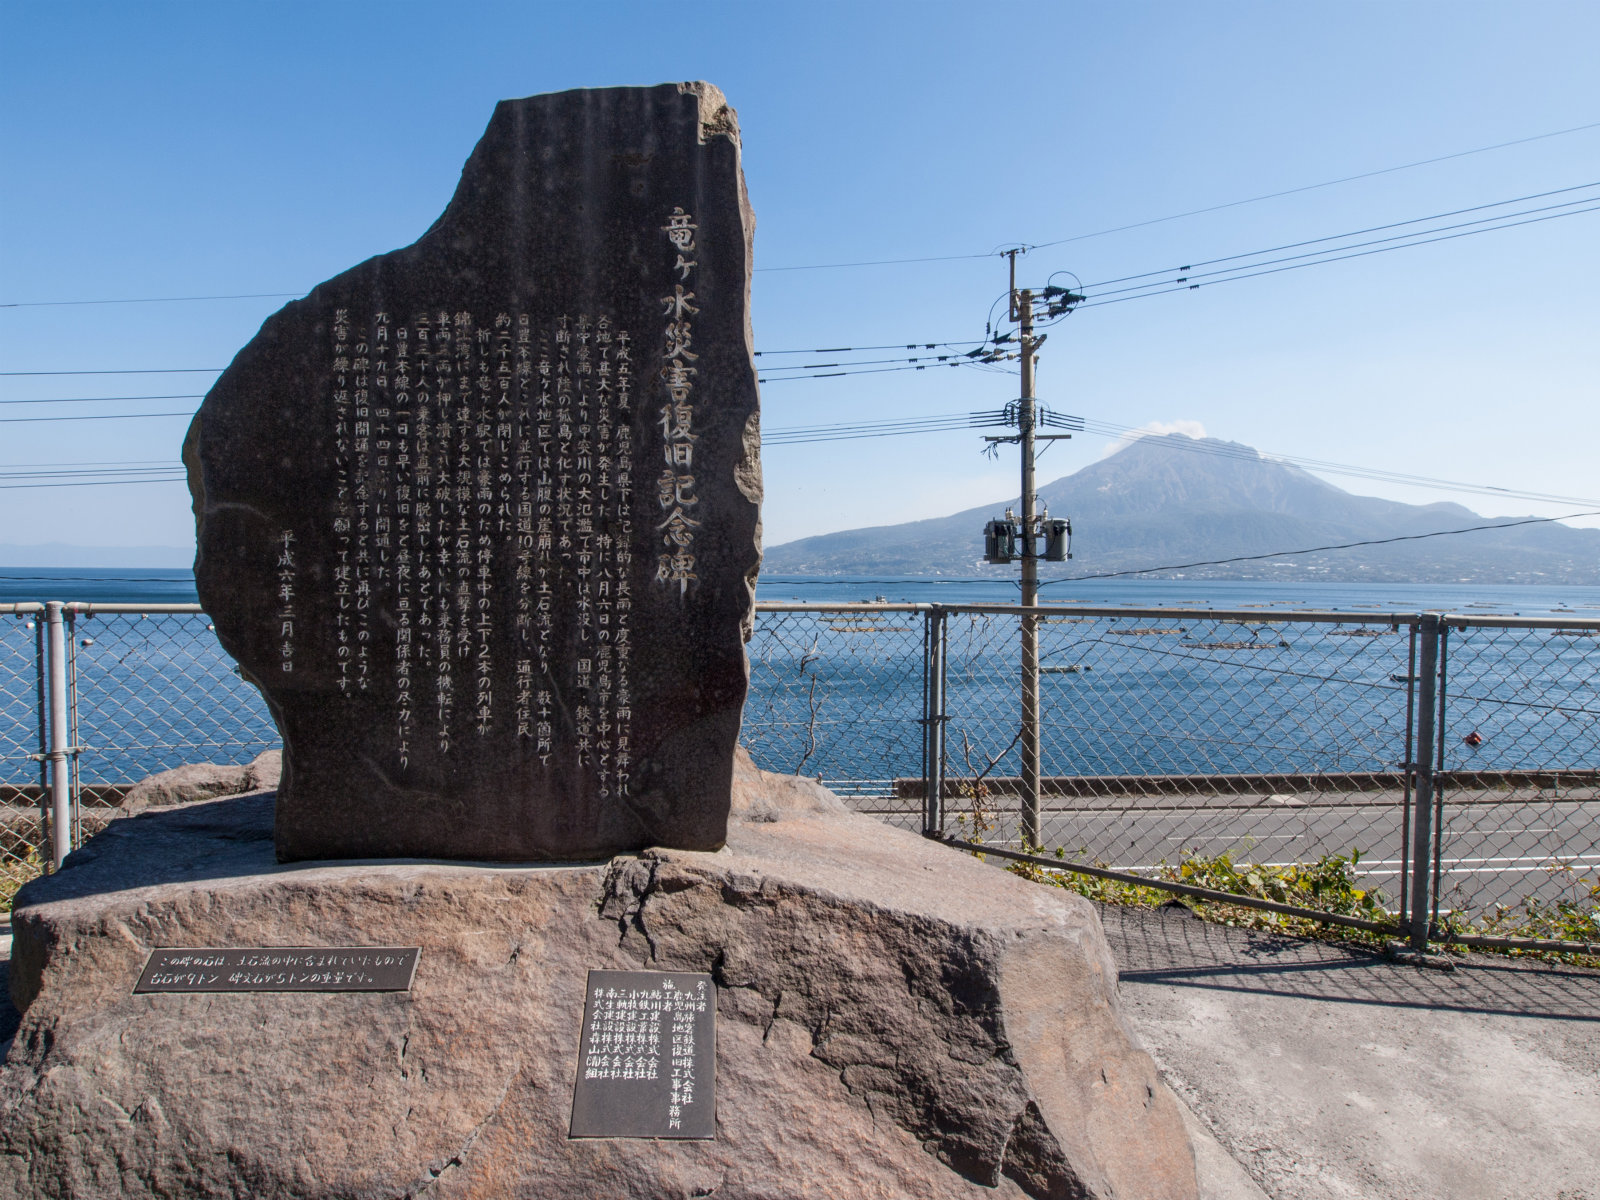 竜ケ水駅の竜ヶ水災害復旧記念碑